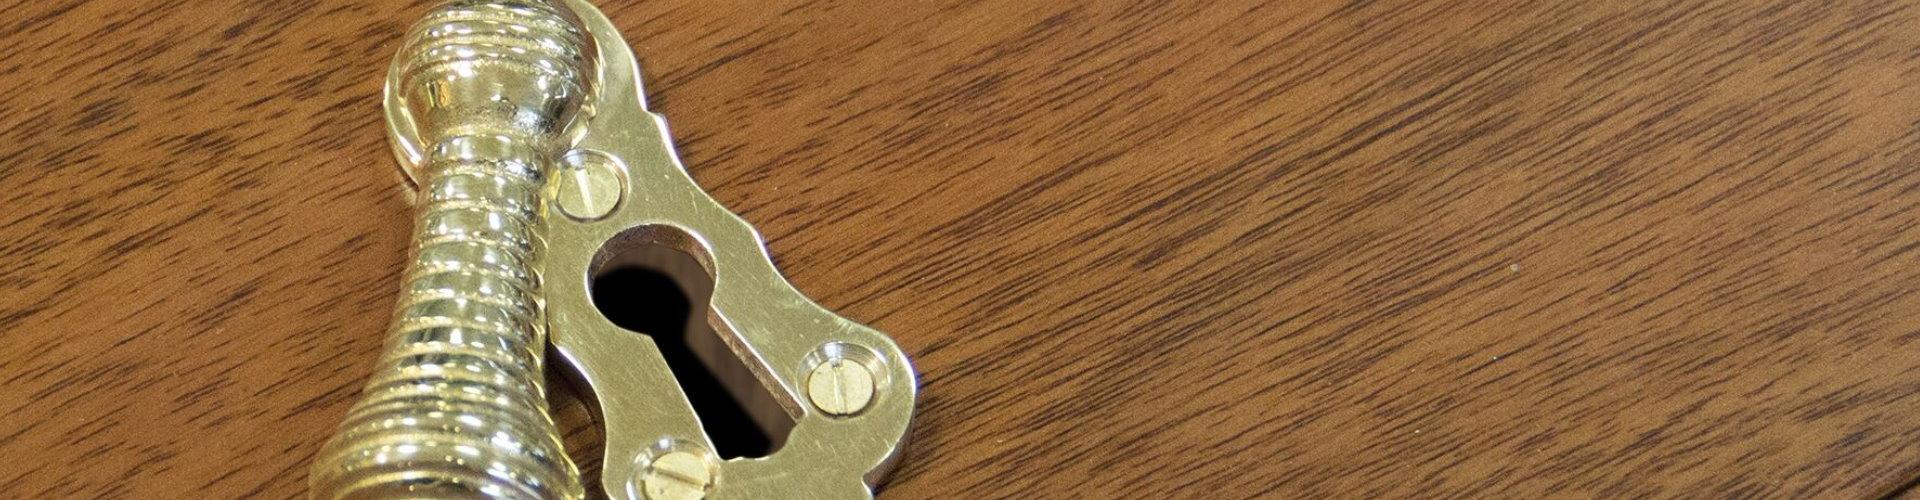 Keyhole Covers - Homebits UK